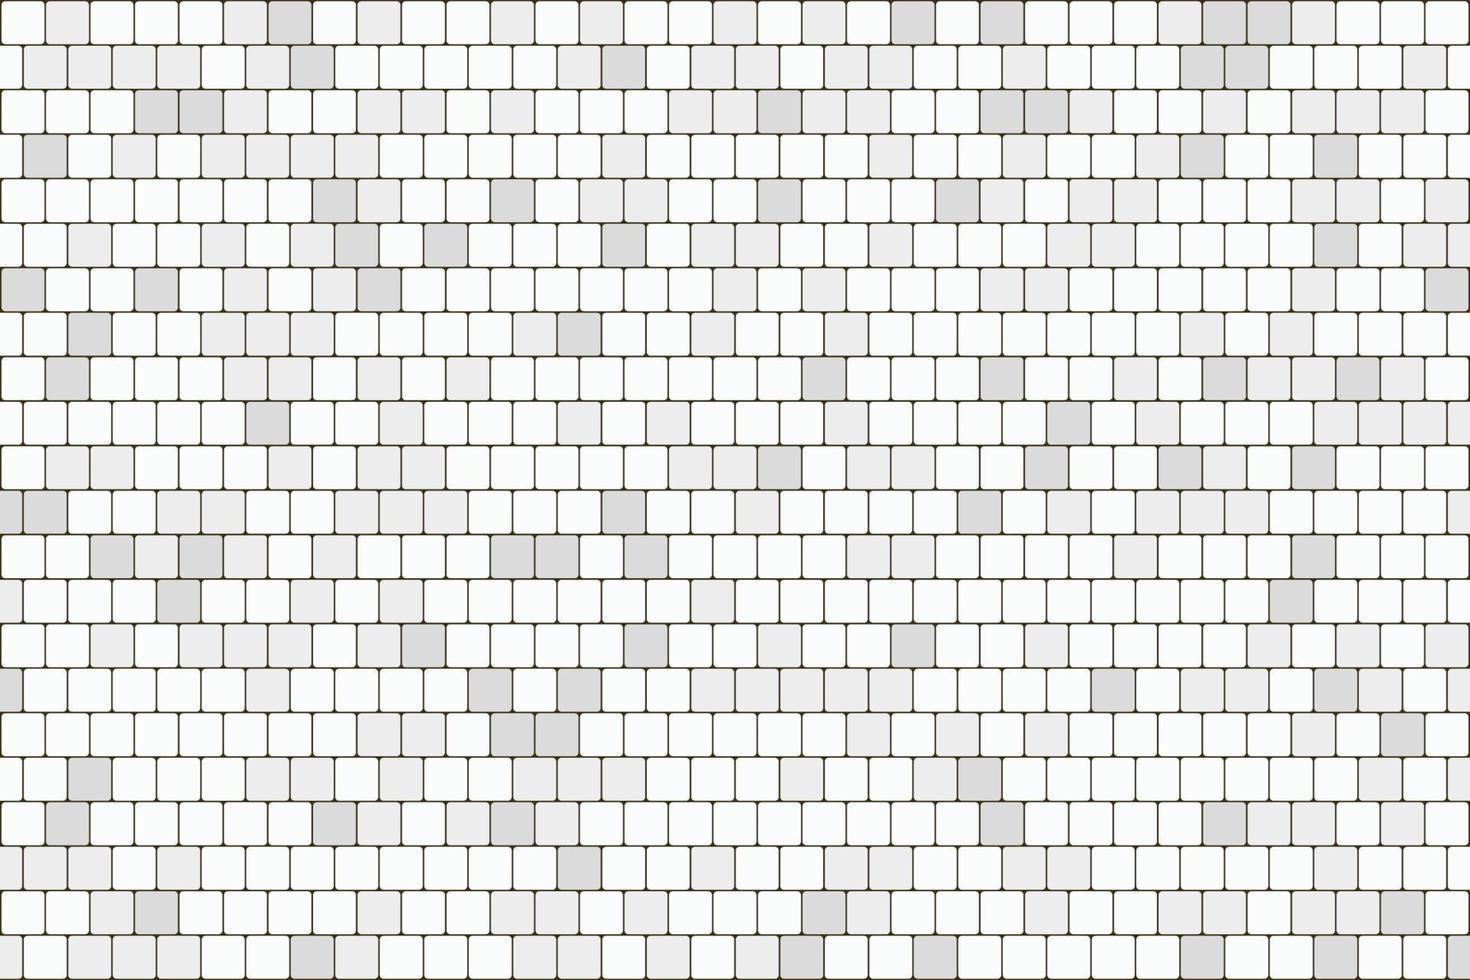 abstrakt vit och grå fyrkantig tegelvägg mönster konstverk bakgrund. illustration vektor eps10